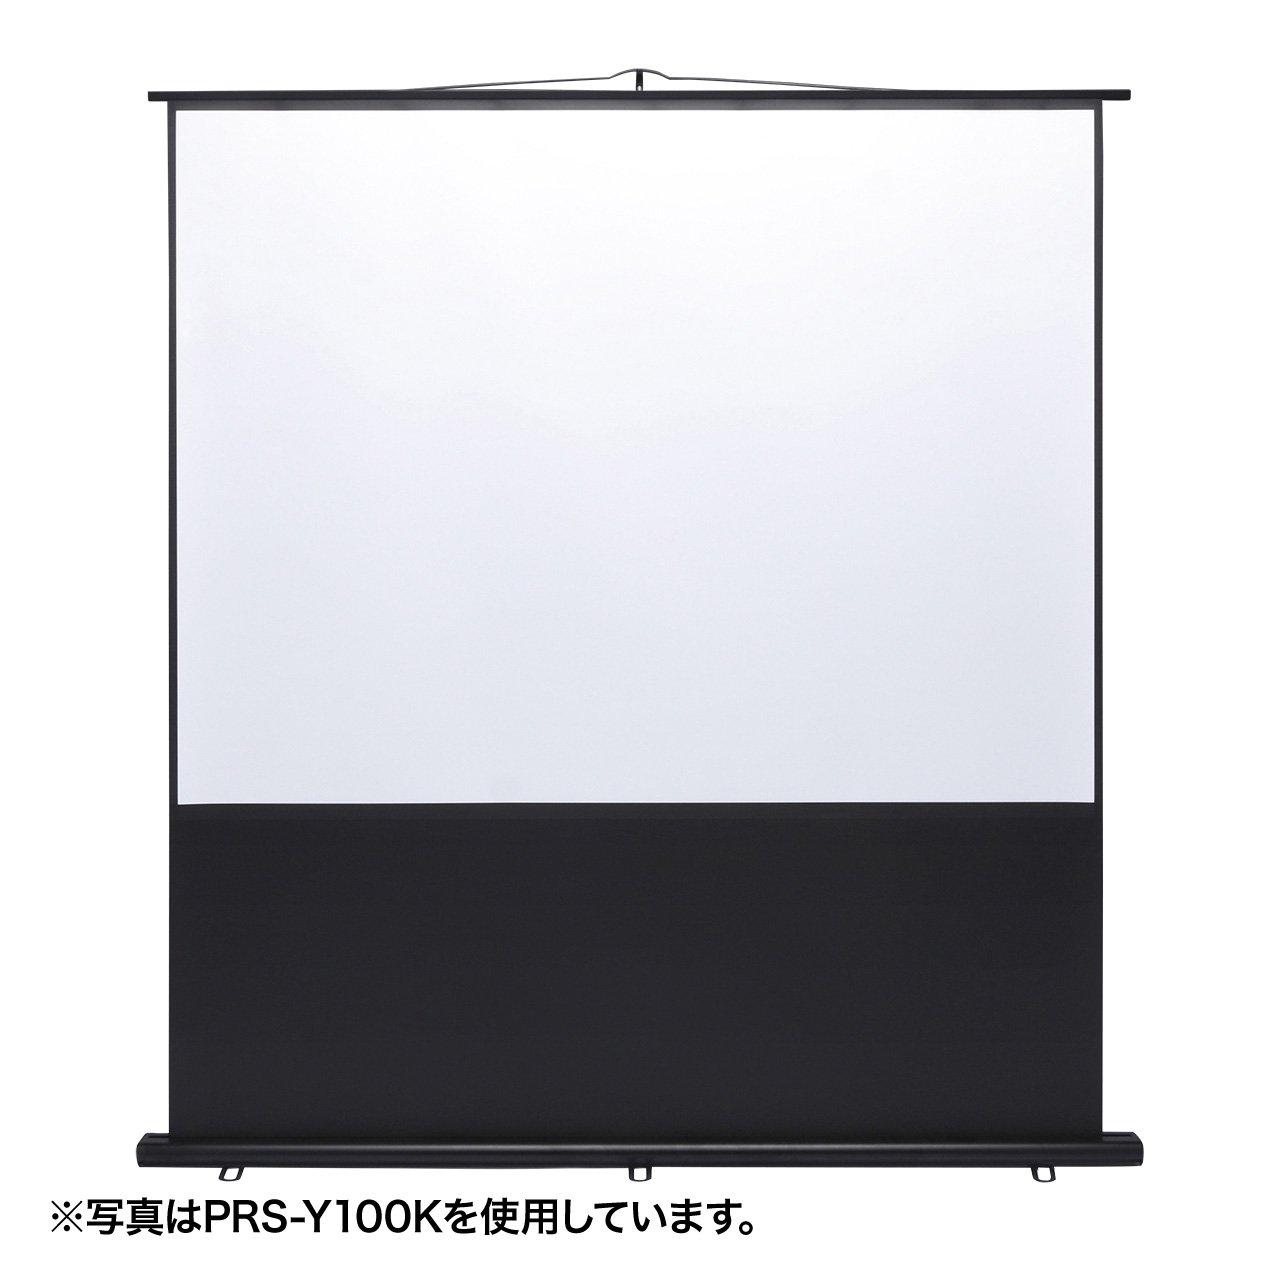 プロジェクタースクリーン(床置き式) 80型相当 PRS-Y80K   B00HZWV90Q